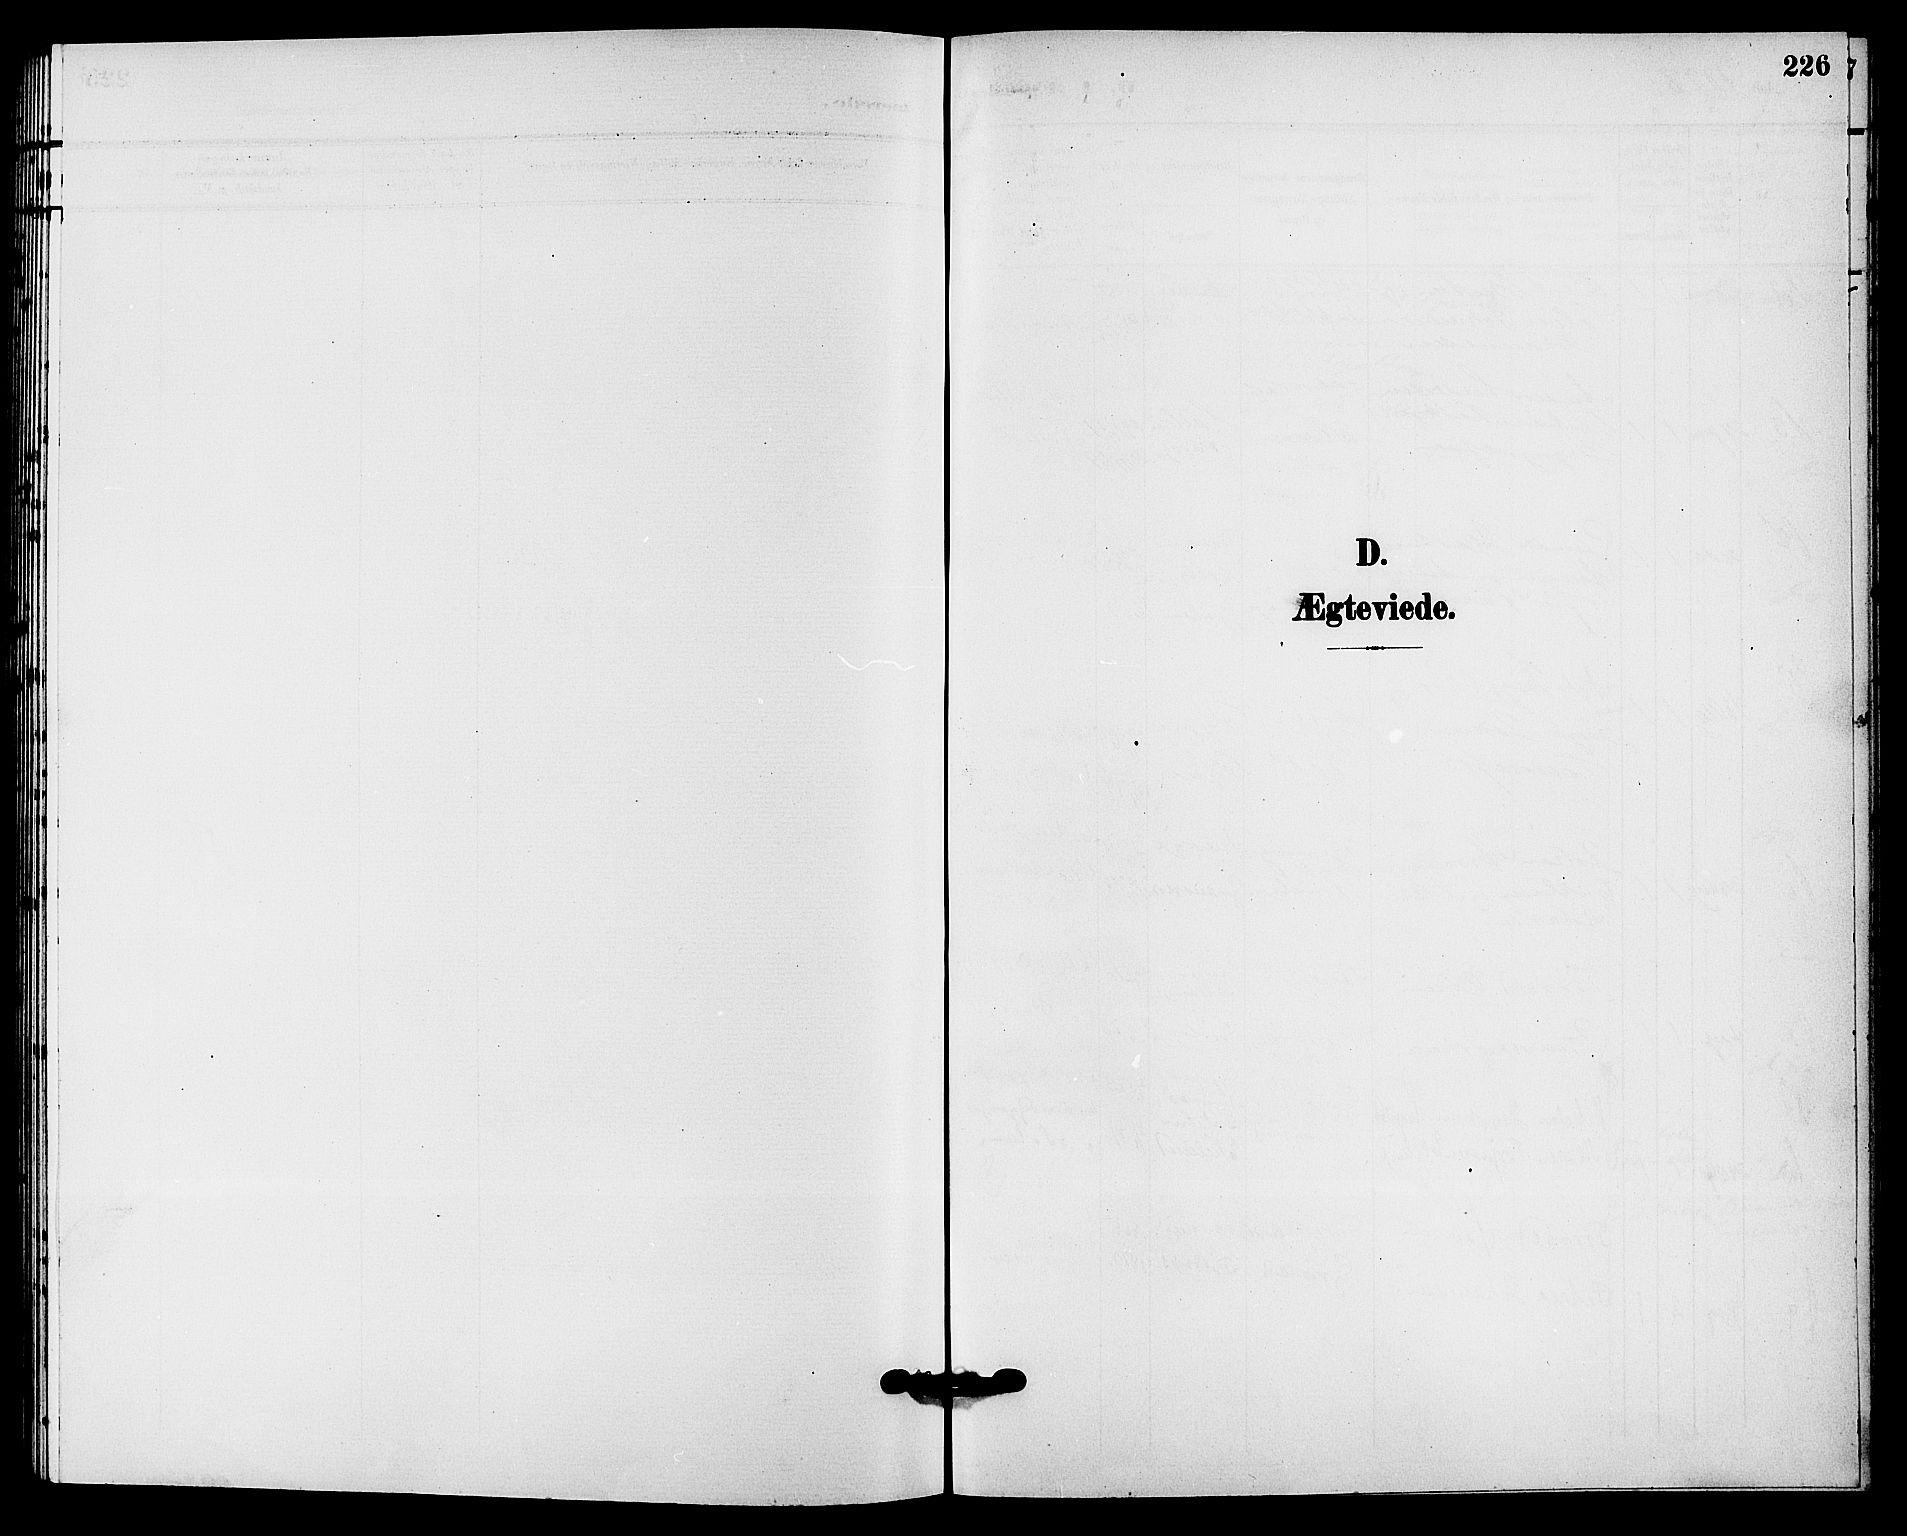 SAKO, Solum kirkebøker, G/Ga/L0008: Klokkerbok nr. I 8, 1898-1909, s. 226